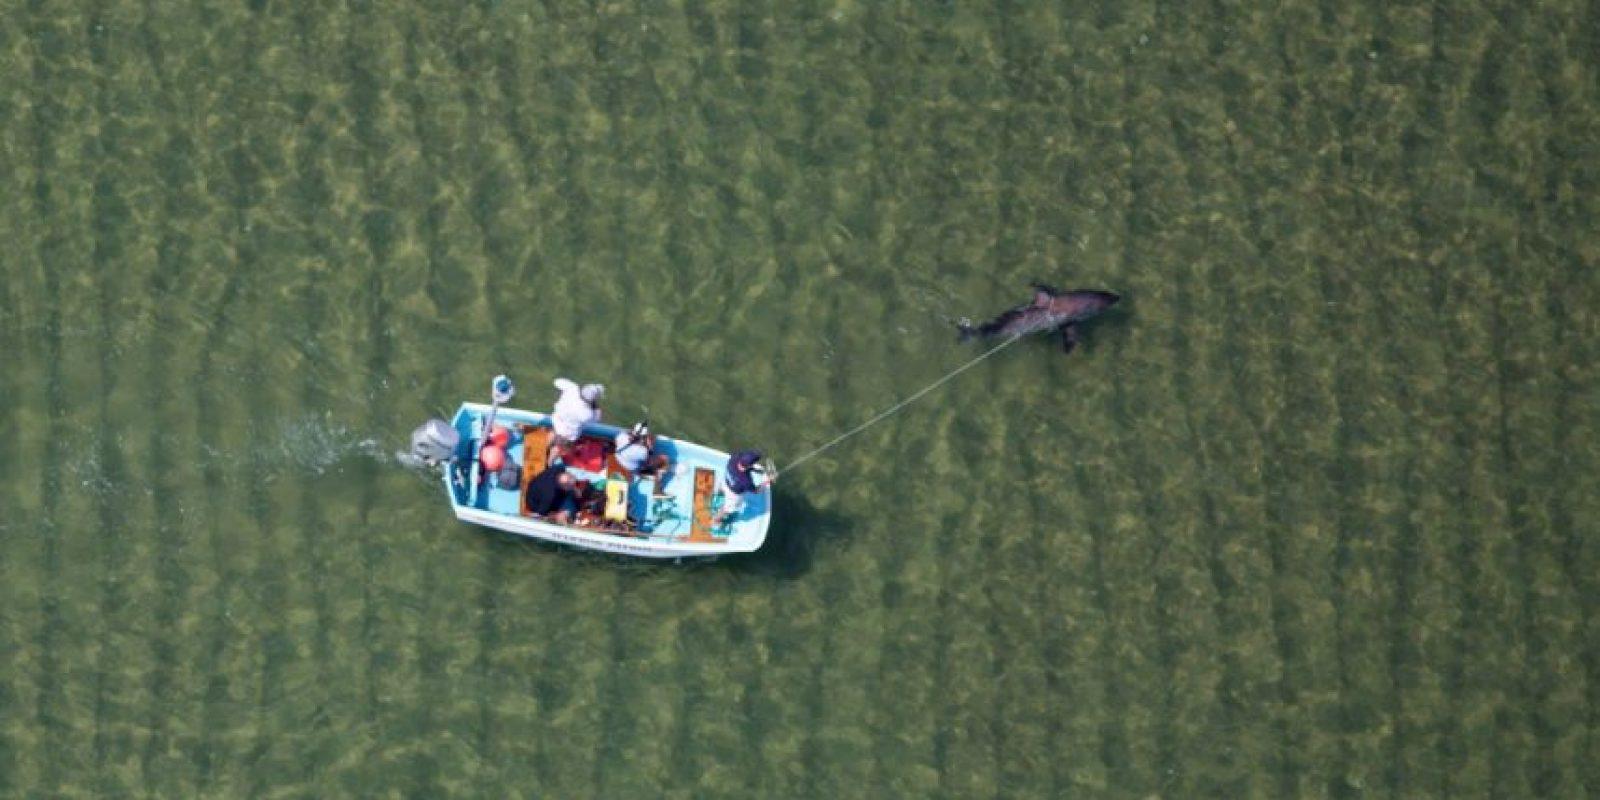 La gente llamó al equipo de rescate de la organización Atlantic White Shark Conservancy. Foto:Vía facebook.com/atlanticwhiteshark